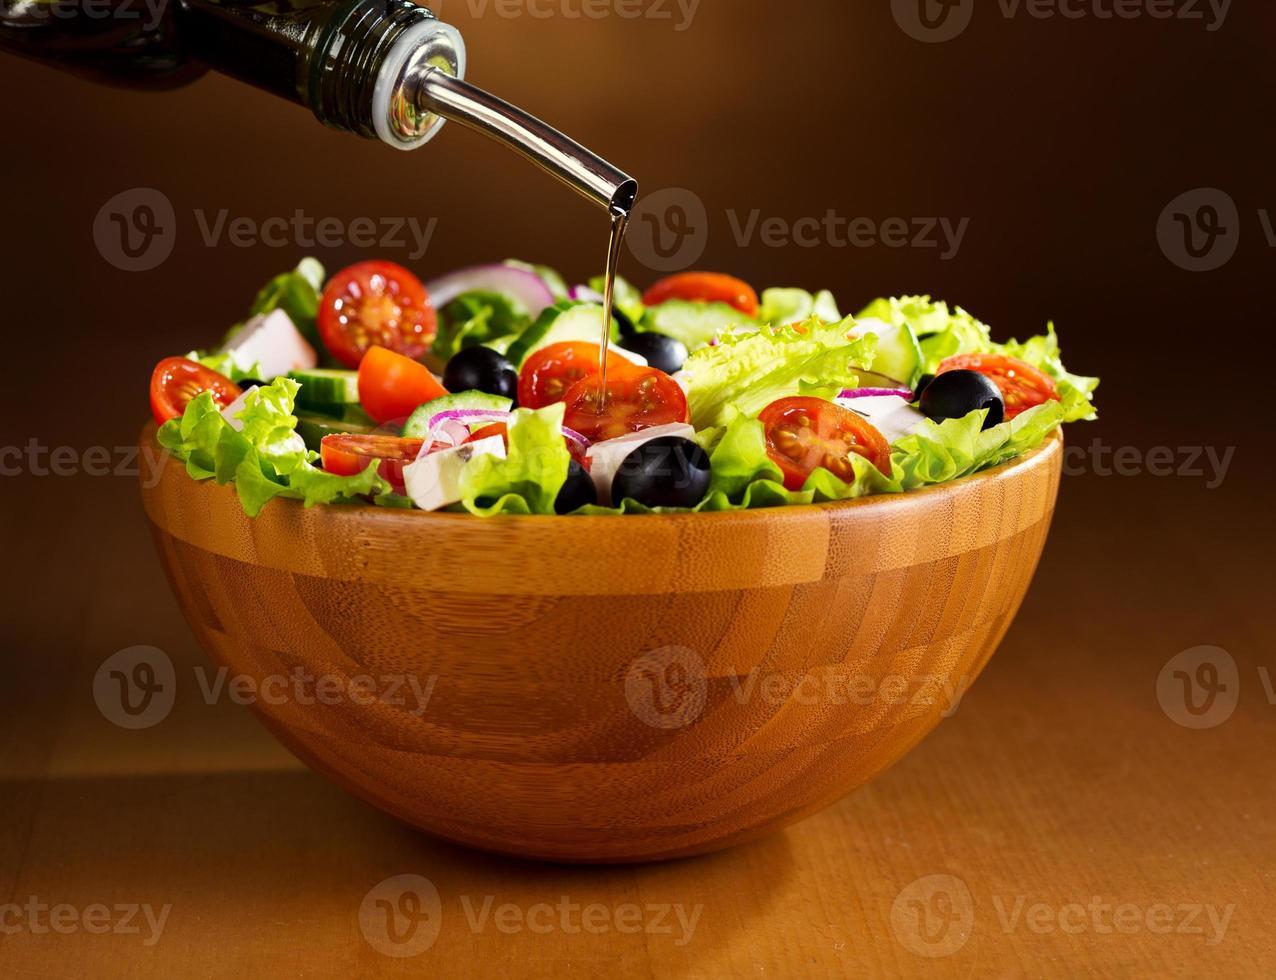 Öl in eine Schüssel Gemüsesalat gießen foto